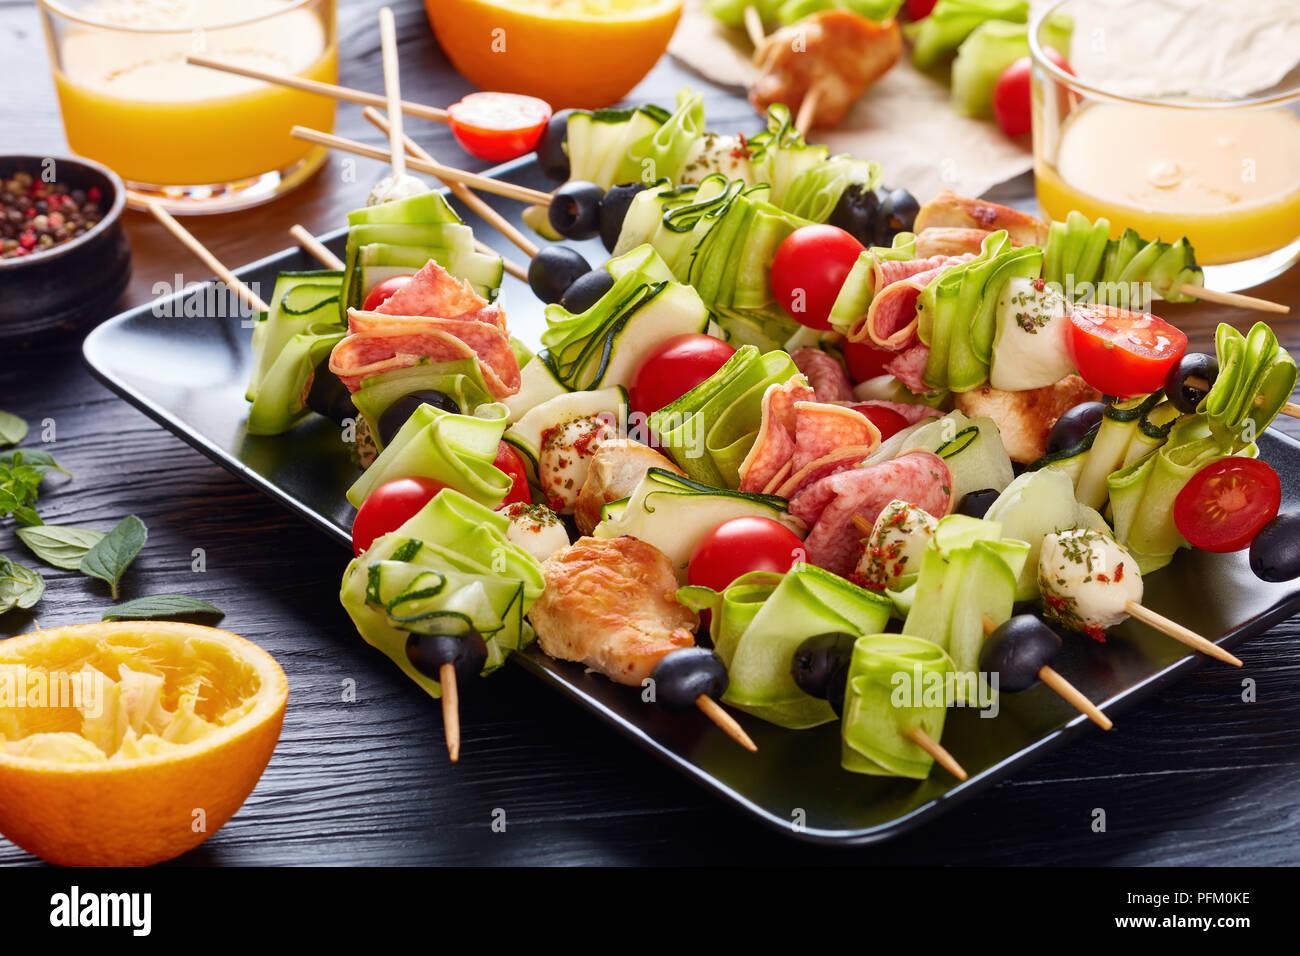 Kebab en brochettes avec la viande de poulet, courgettes, tomates, mozzarella tranches de salami, boules, des olives sur une plaque noire sur une table en bois avec fresh orange j Photo Stock